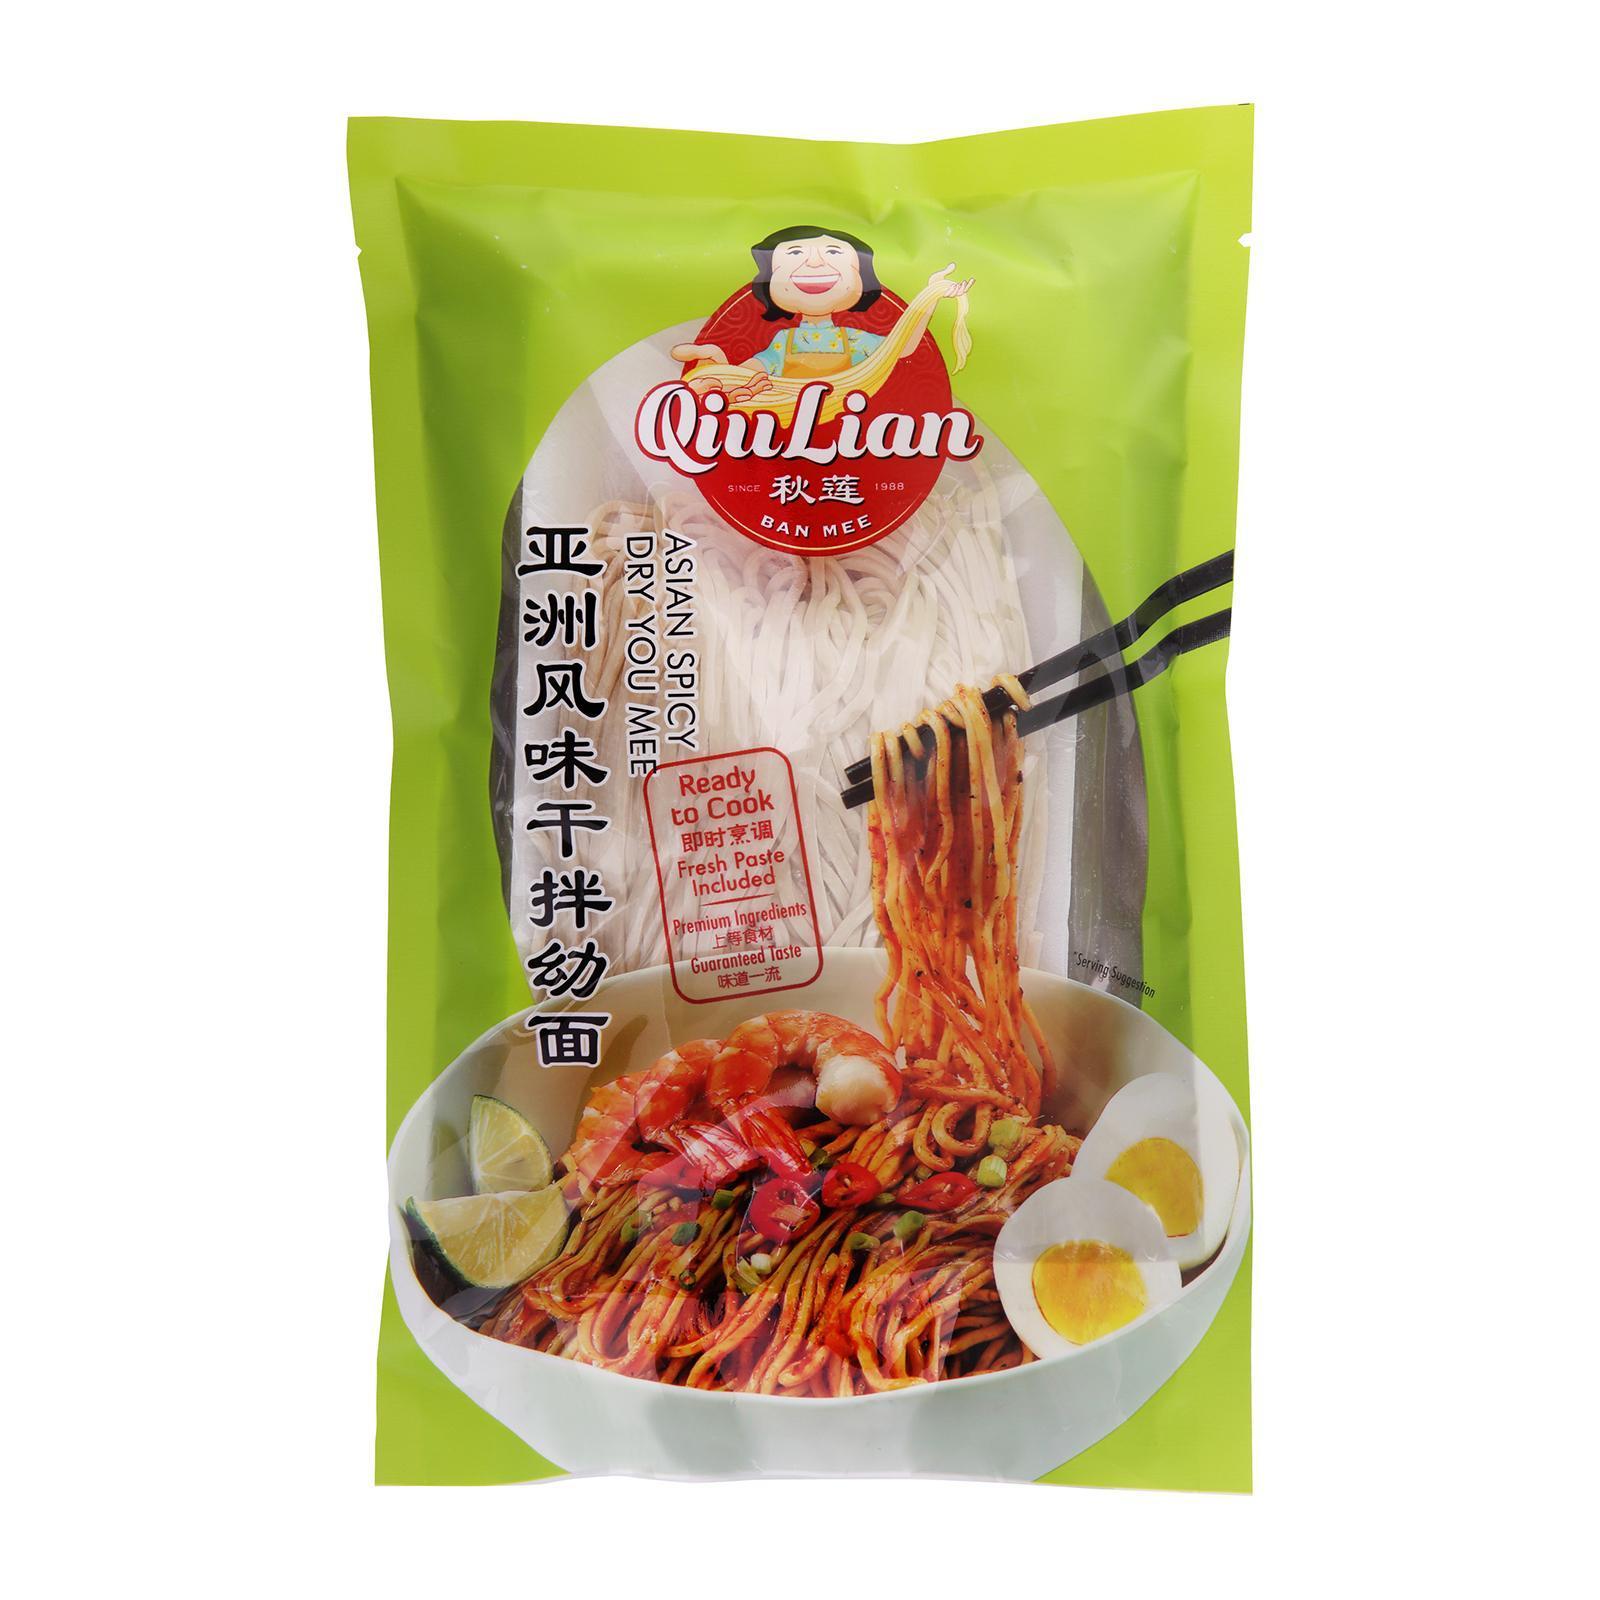 Qiu Lian Ban Mee Qiu Lian Asian Spicy Dry You Mee By Redmart.